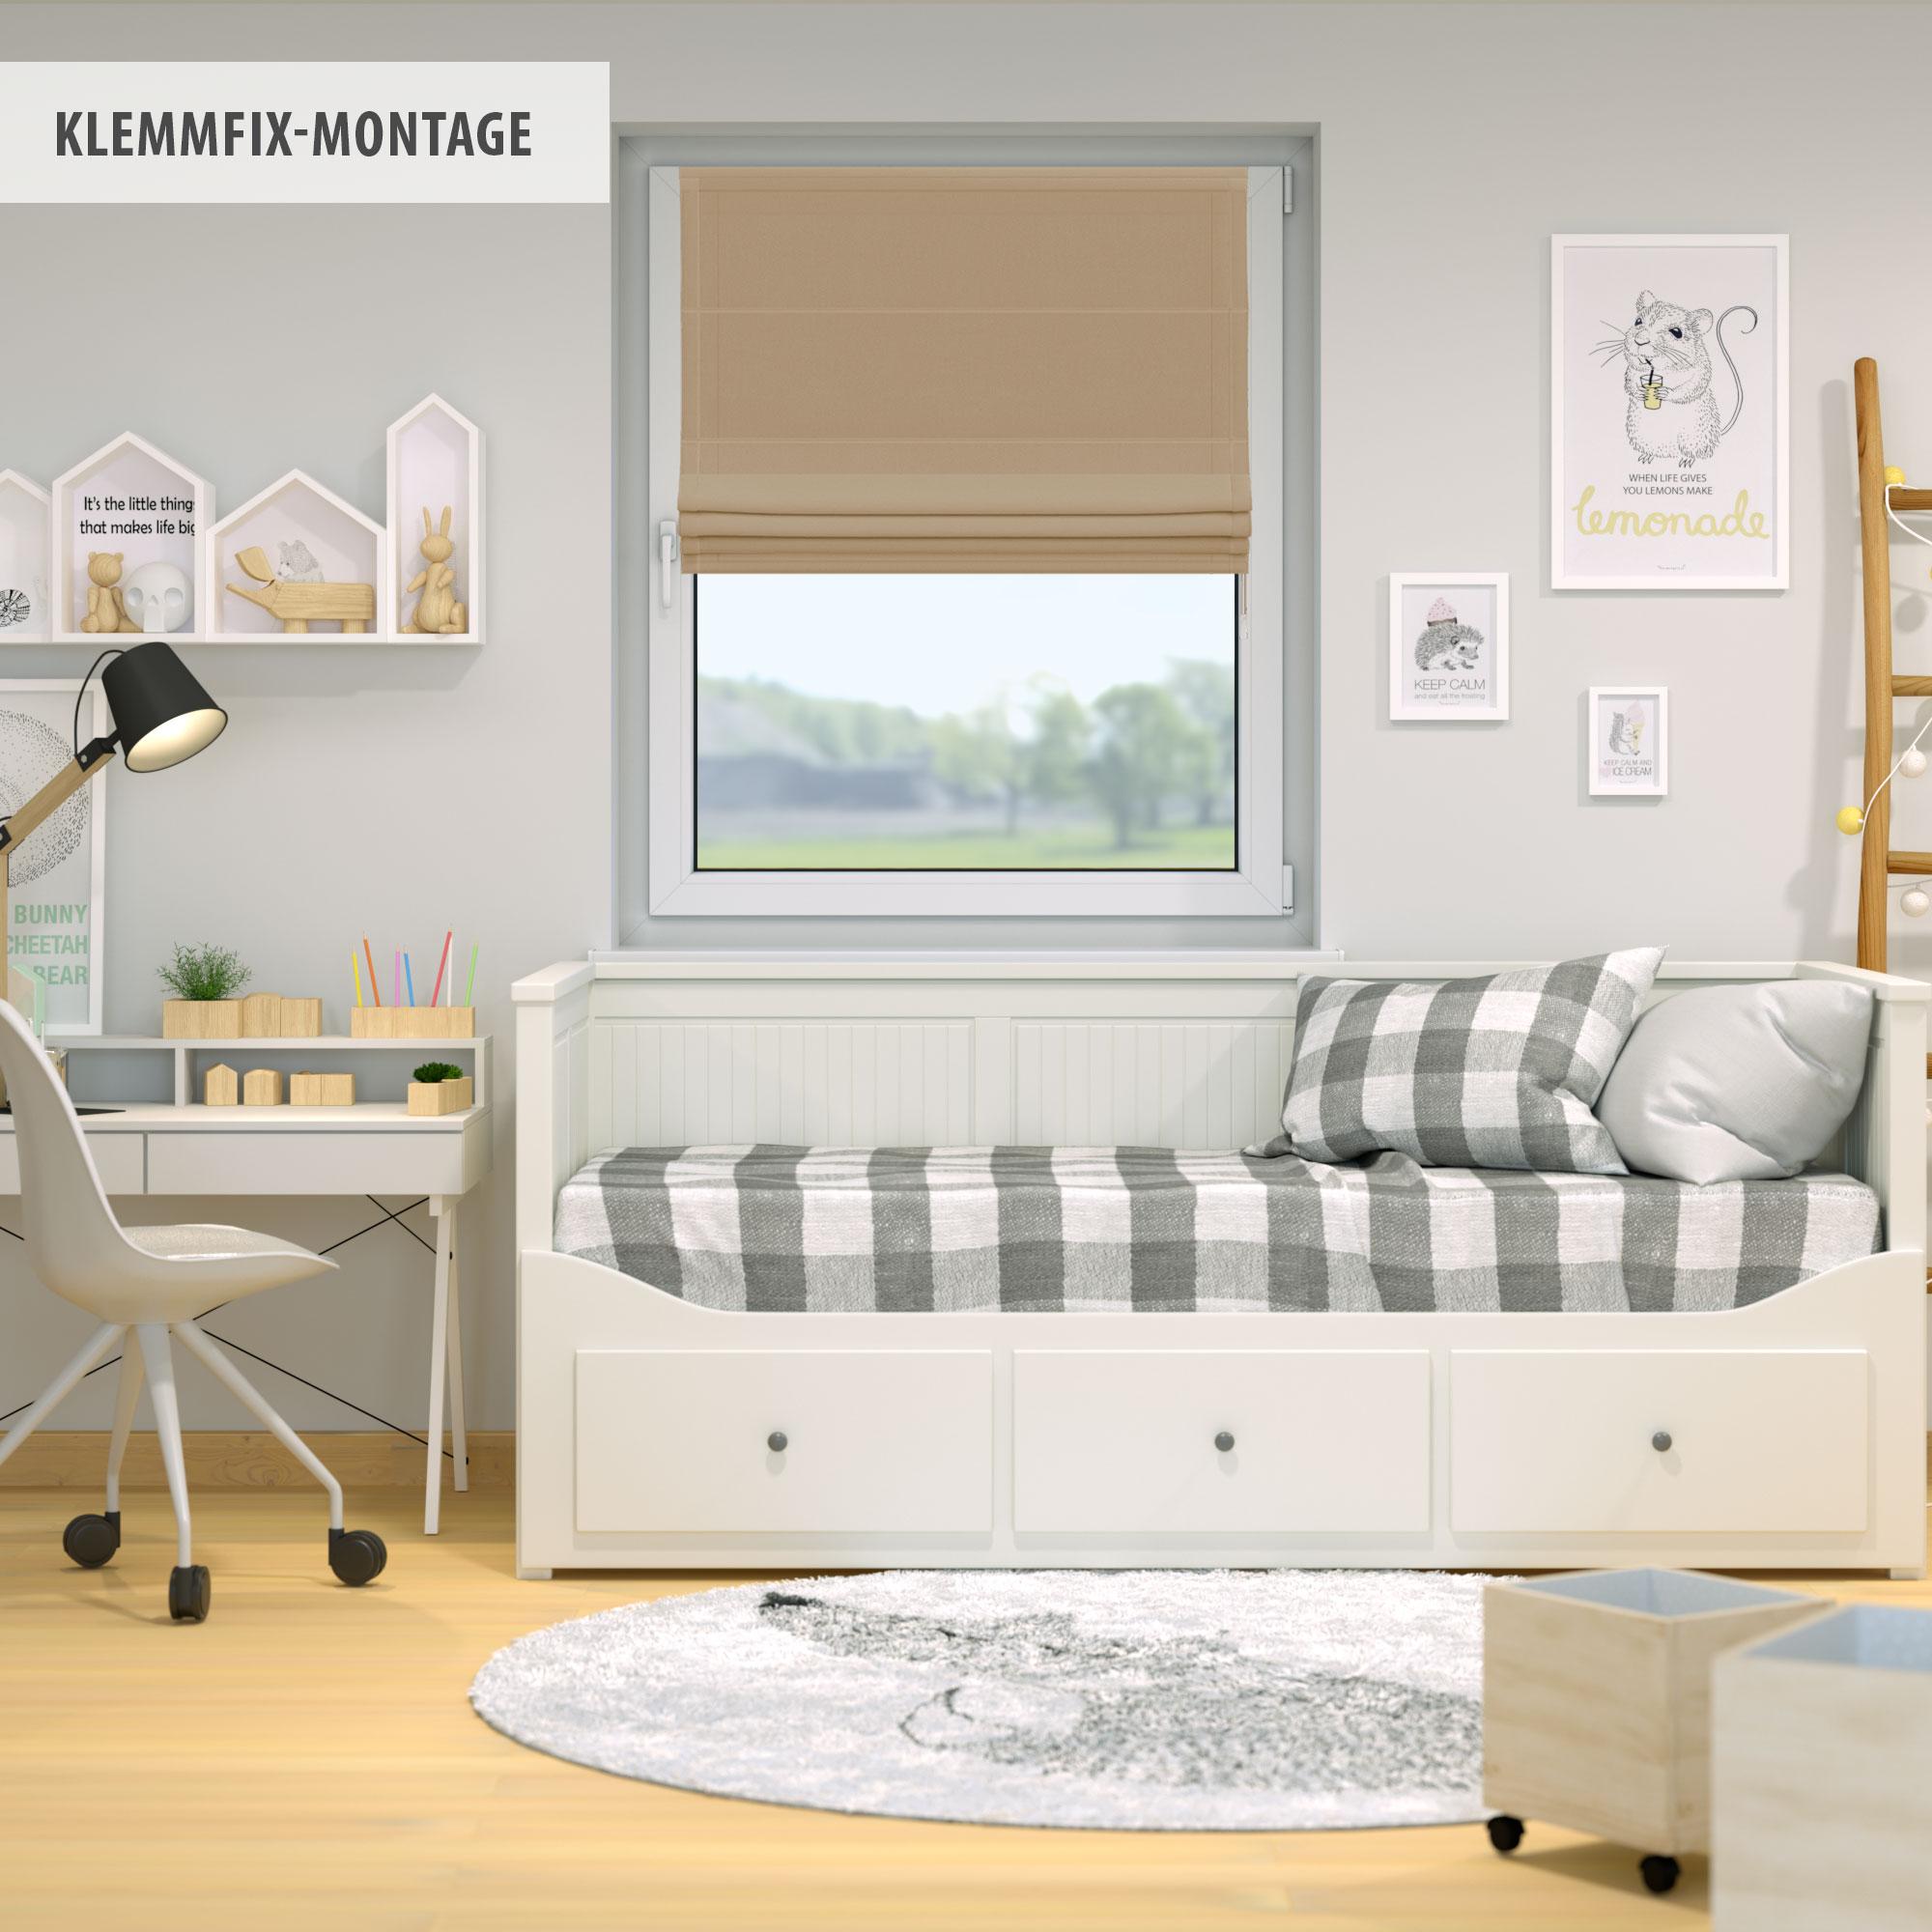 Raffrollo-Faltrollo-Klemmfix-ohne-Bohren-Fenster-Raffgardine-Gardine-VICTORIA-M Indexbild 11